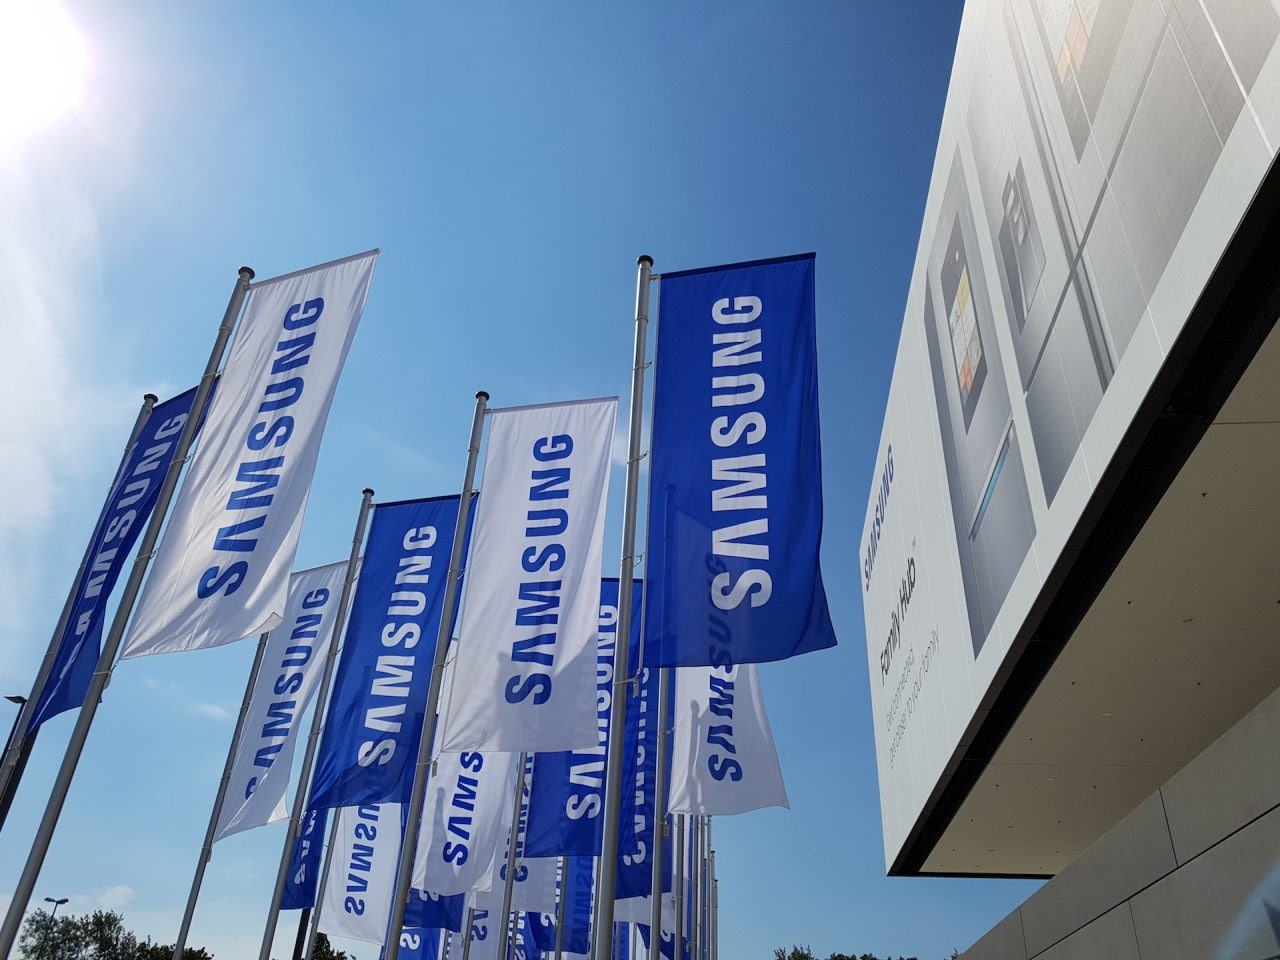 Samsung conferma: Galaxy S10 non correrà il rischio di somigliare troppo ai predecessori